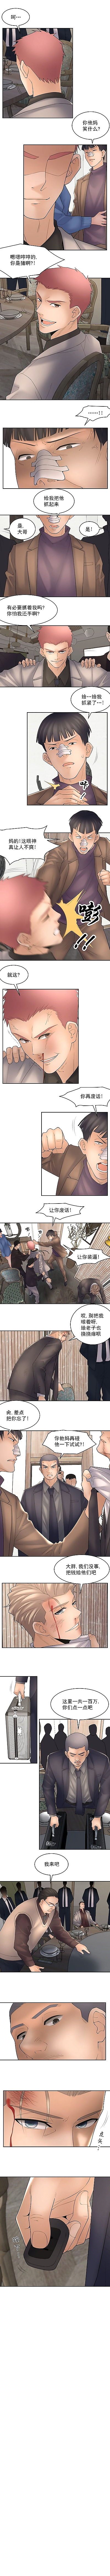 金鳞岂是池中物 49-114 Chinese - part 3